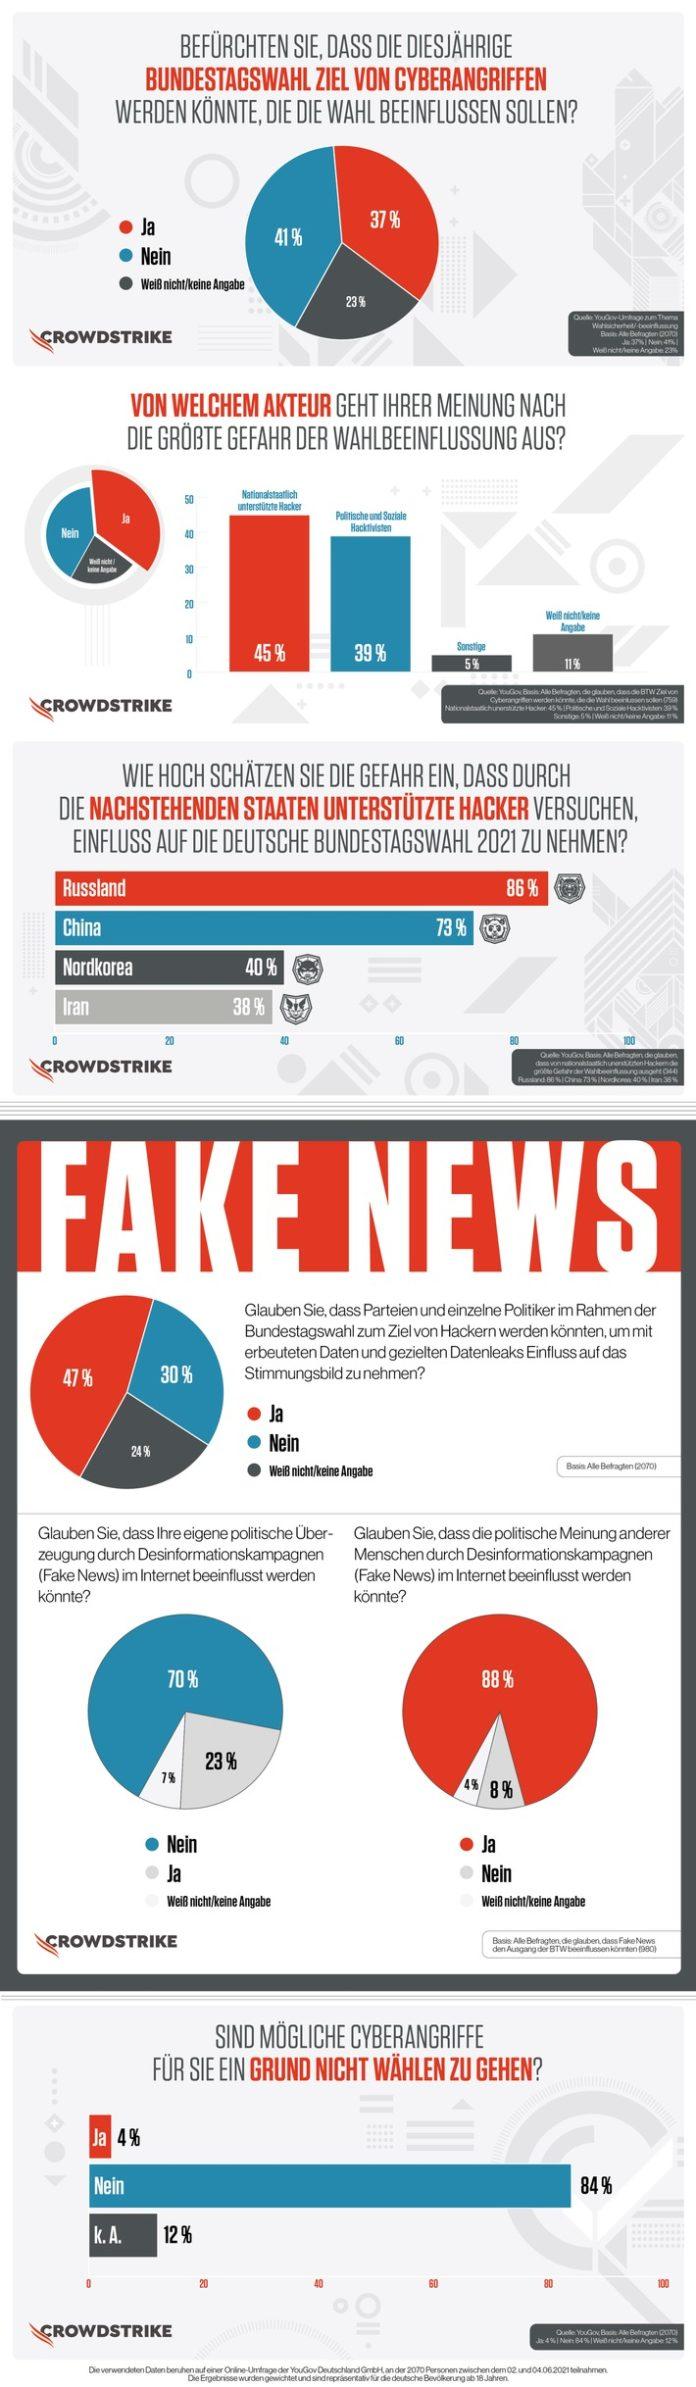 CrowdStrike YouGov Cahl202021 Grafik 696x2387 - Umfrage - Cyberangriffe zur Bundestagswahl 2021: Deutsche halten sich selbst für immun gegen Fake News